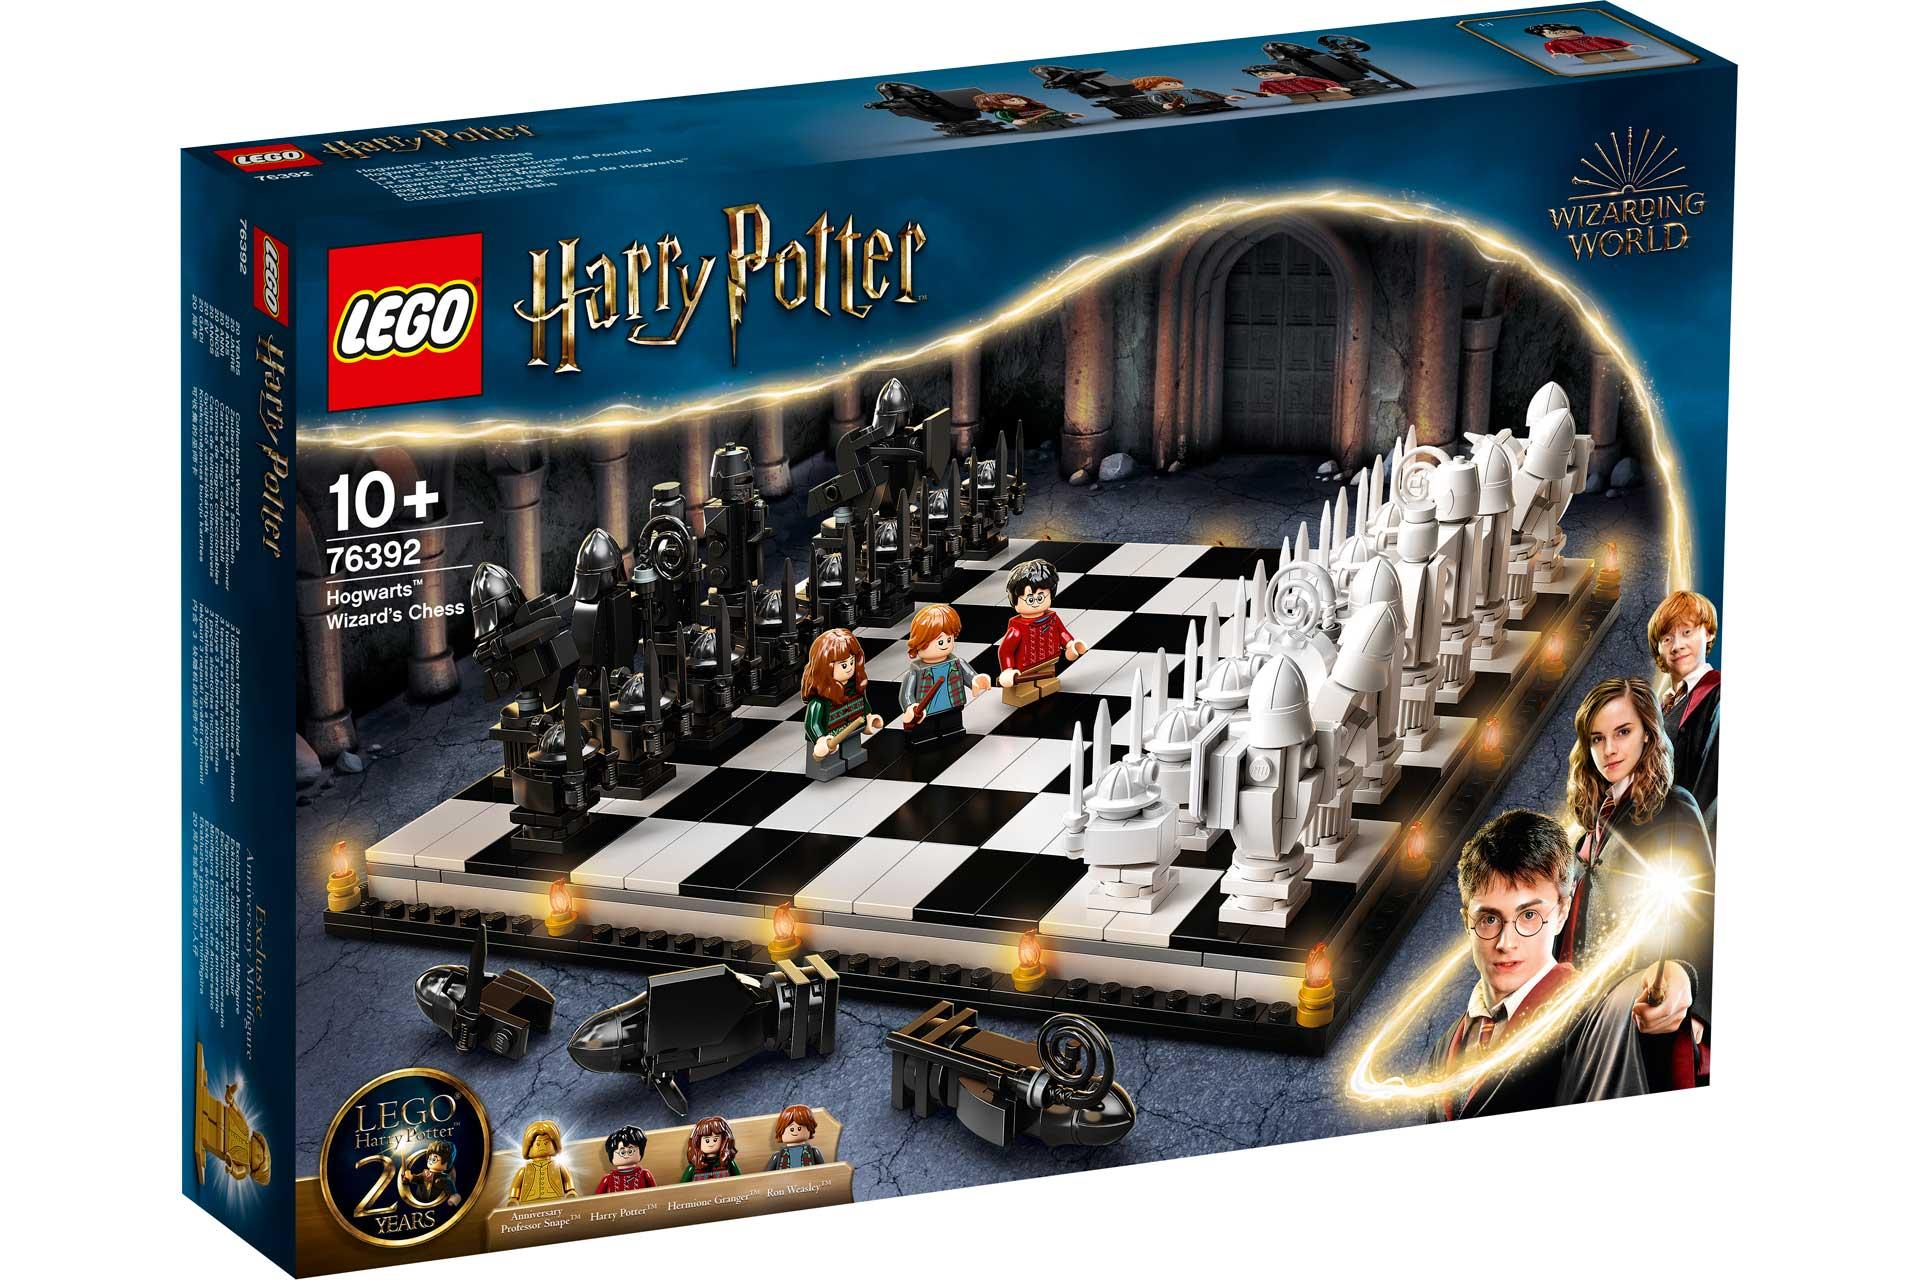 LEGO 76392